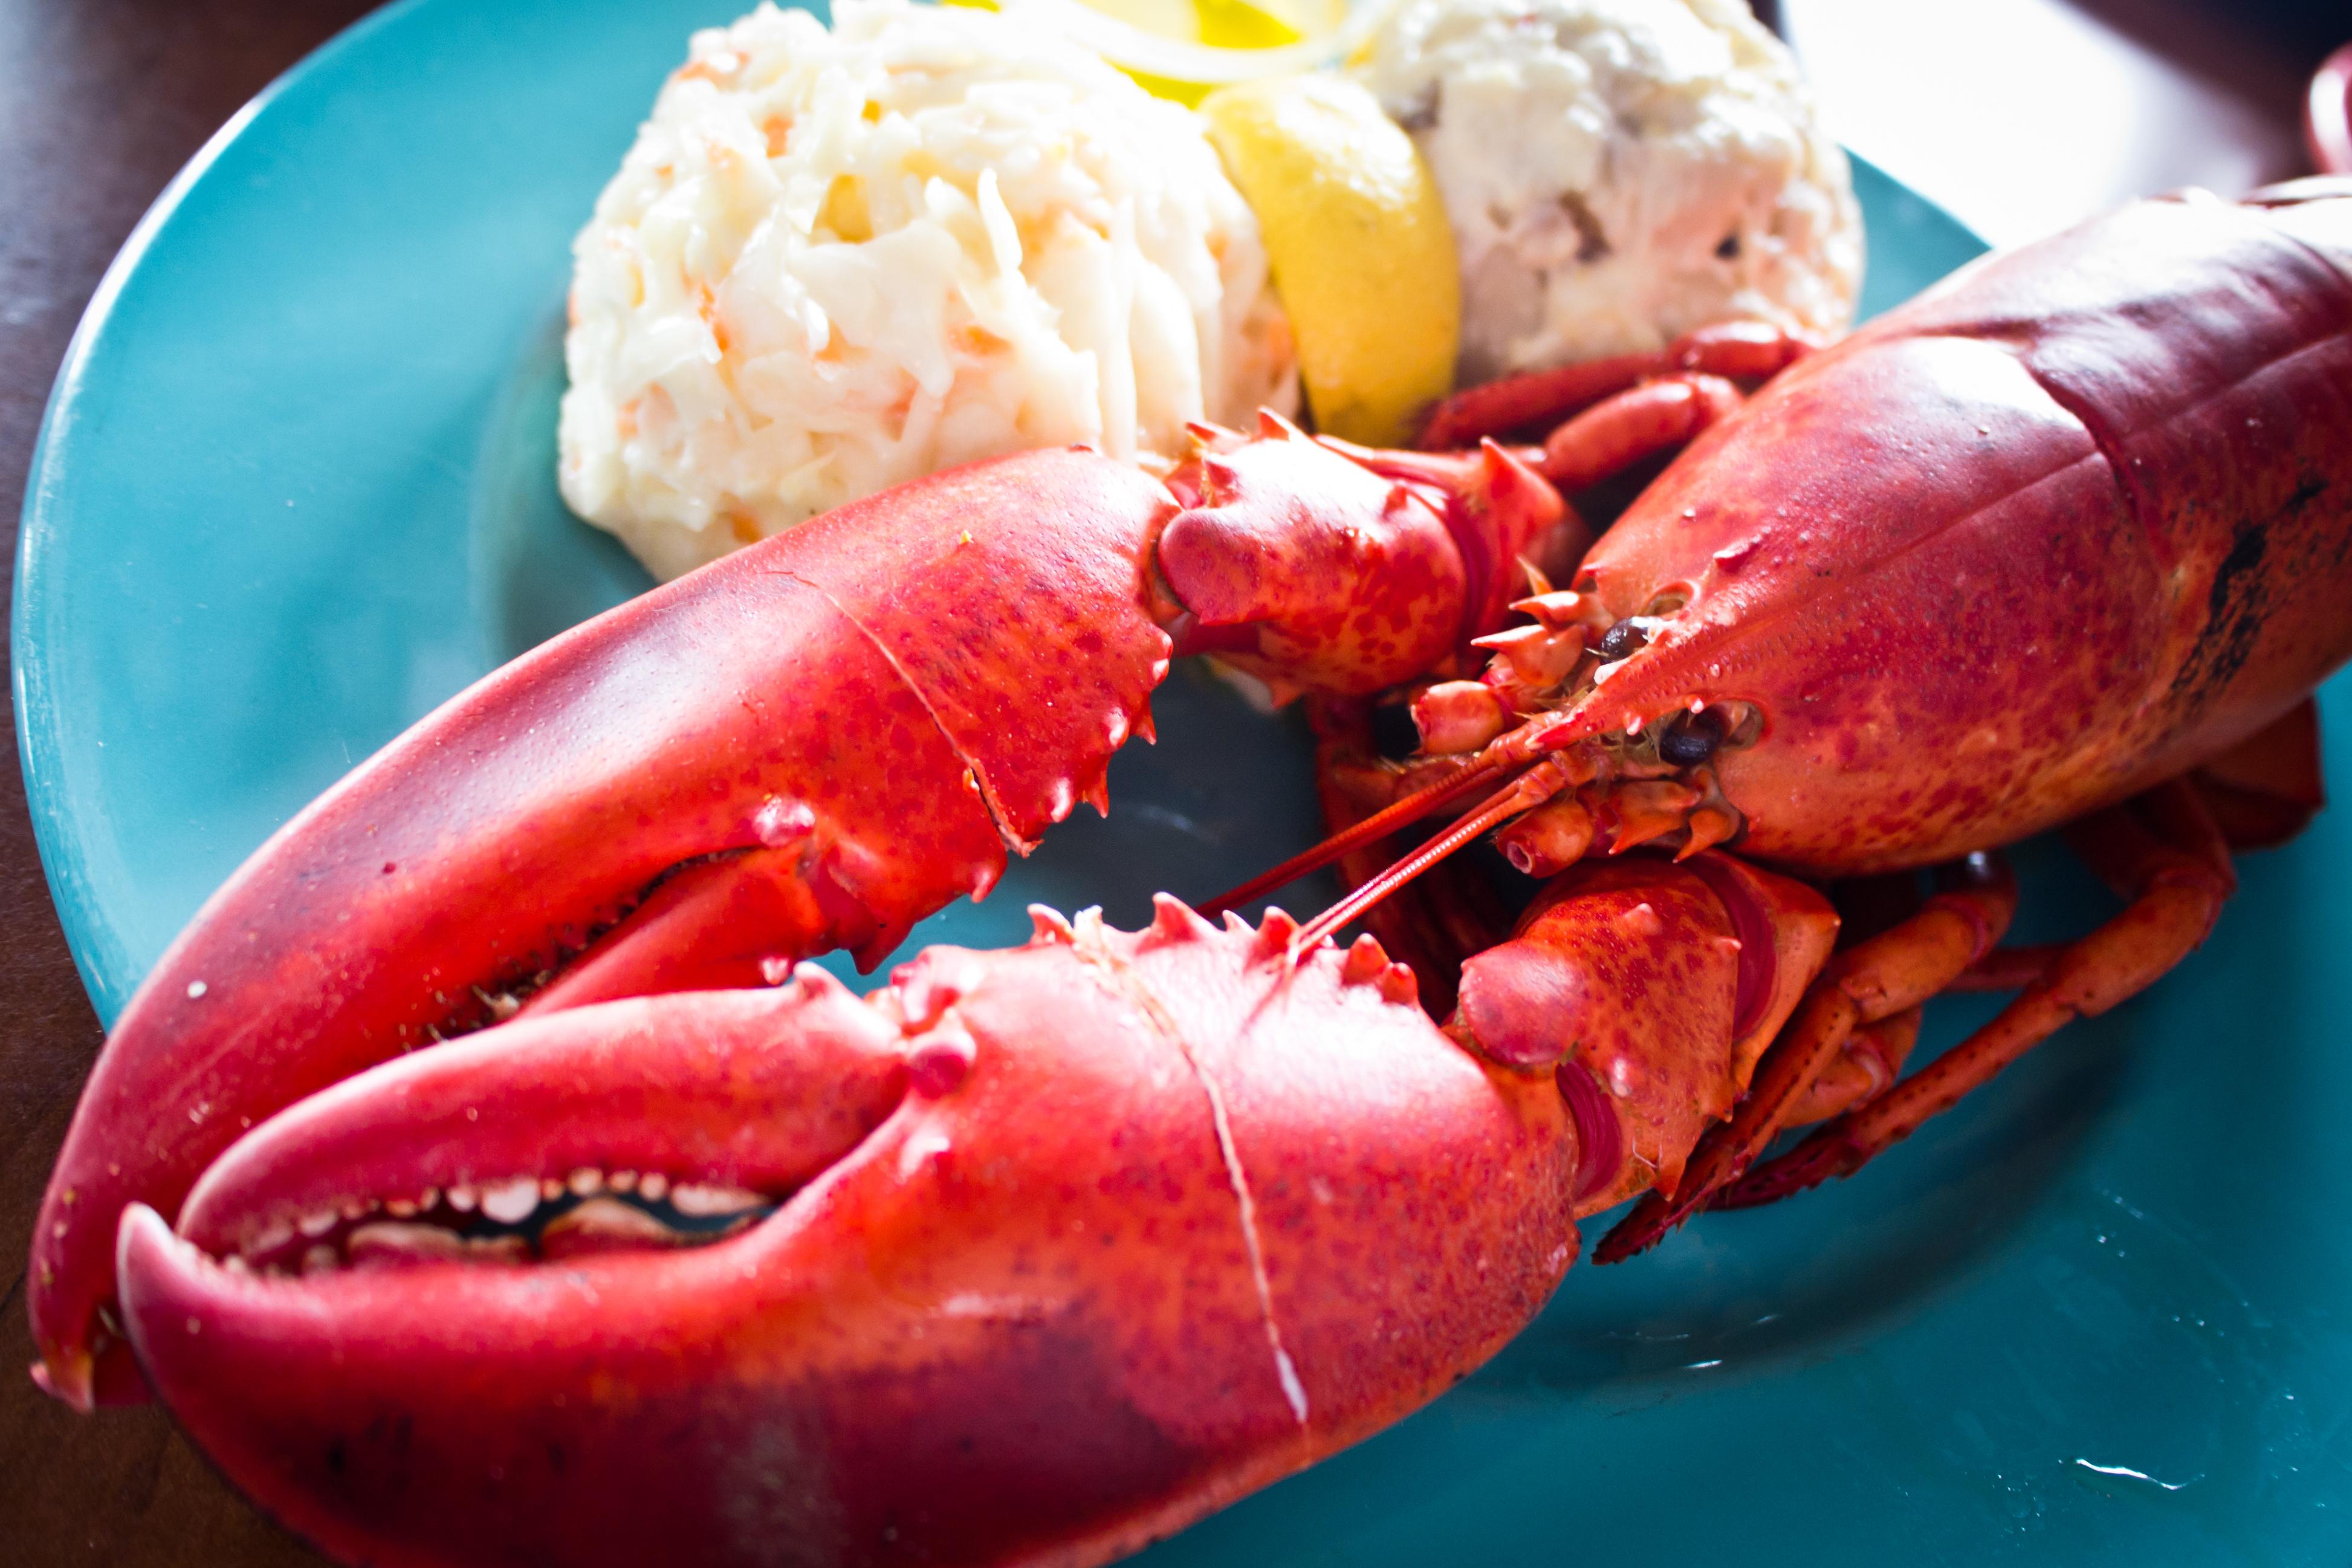 Lobster Dinner | Flickr - Photo Sharing!